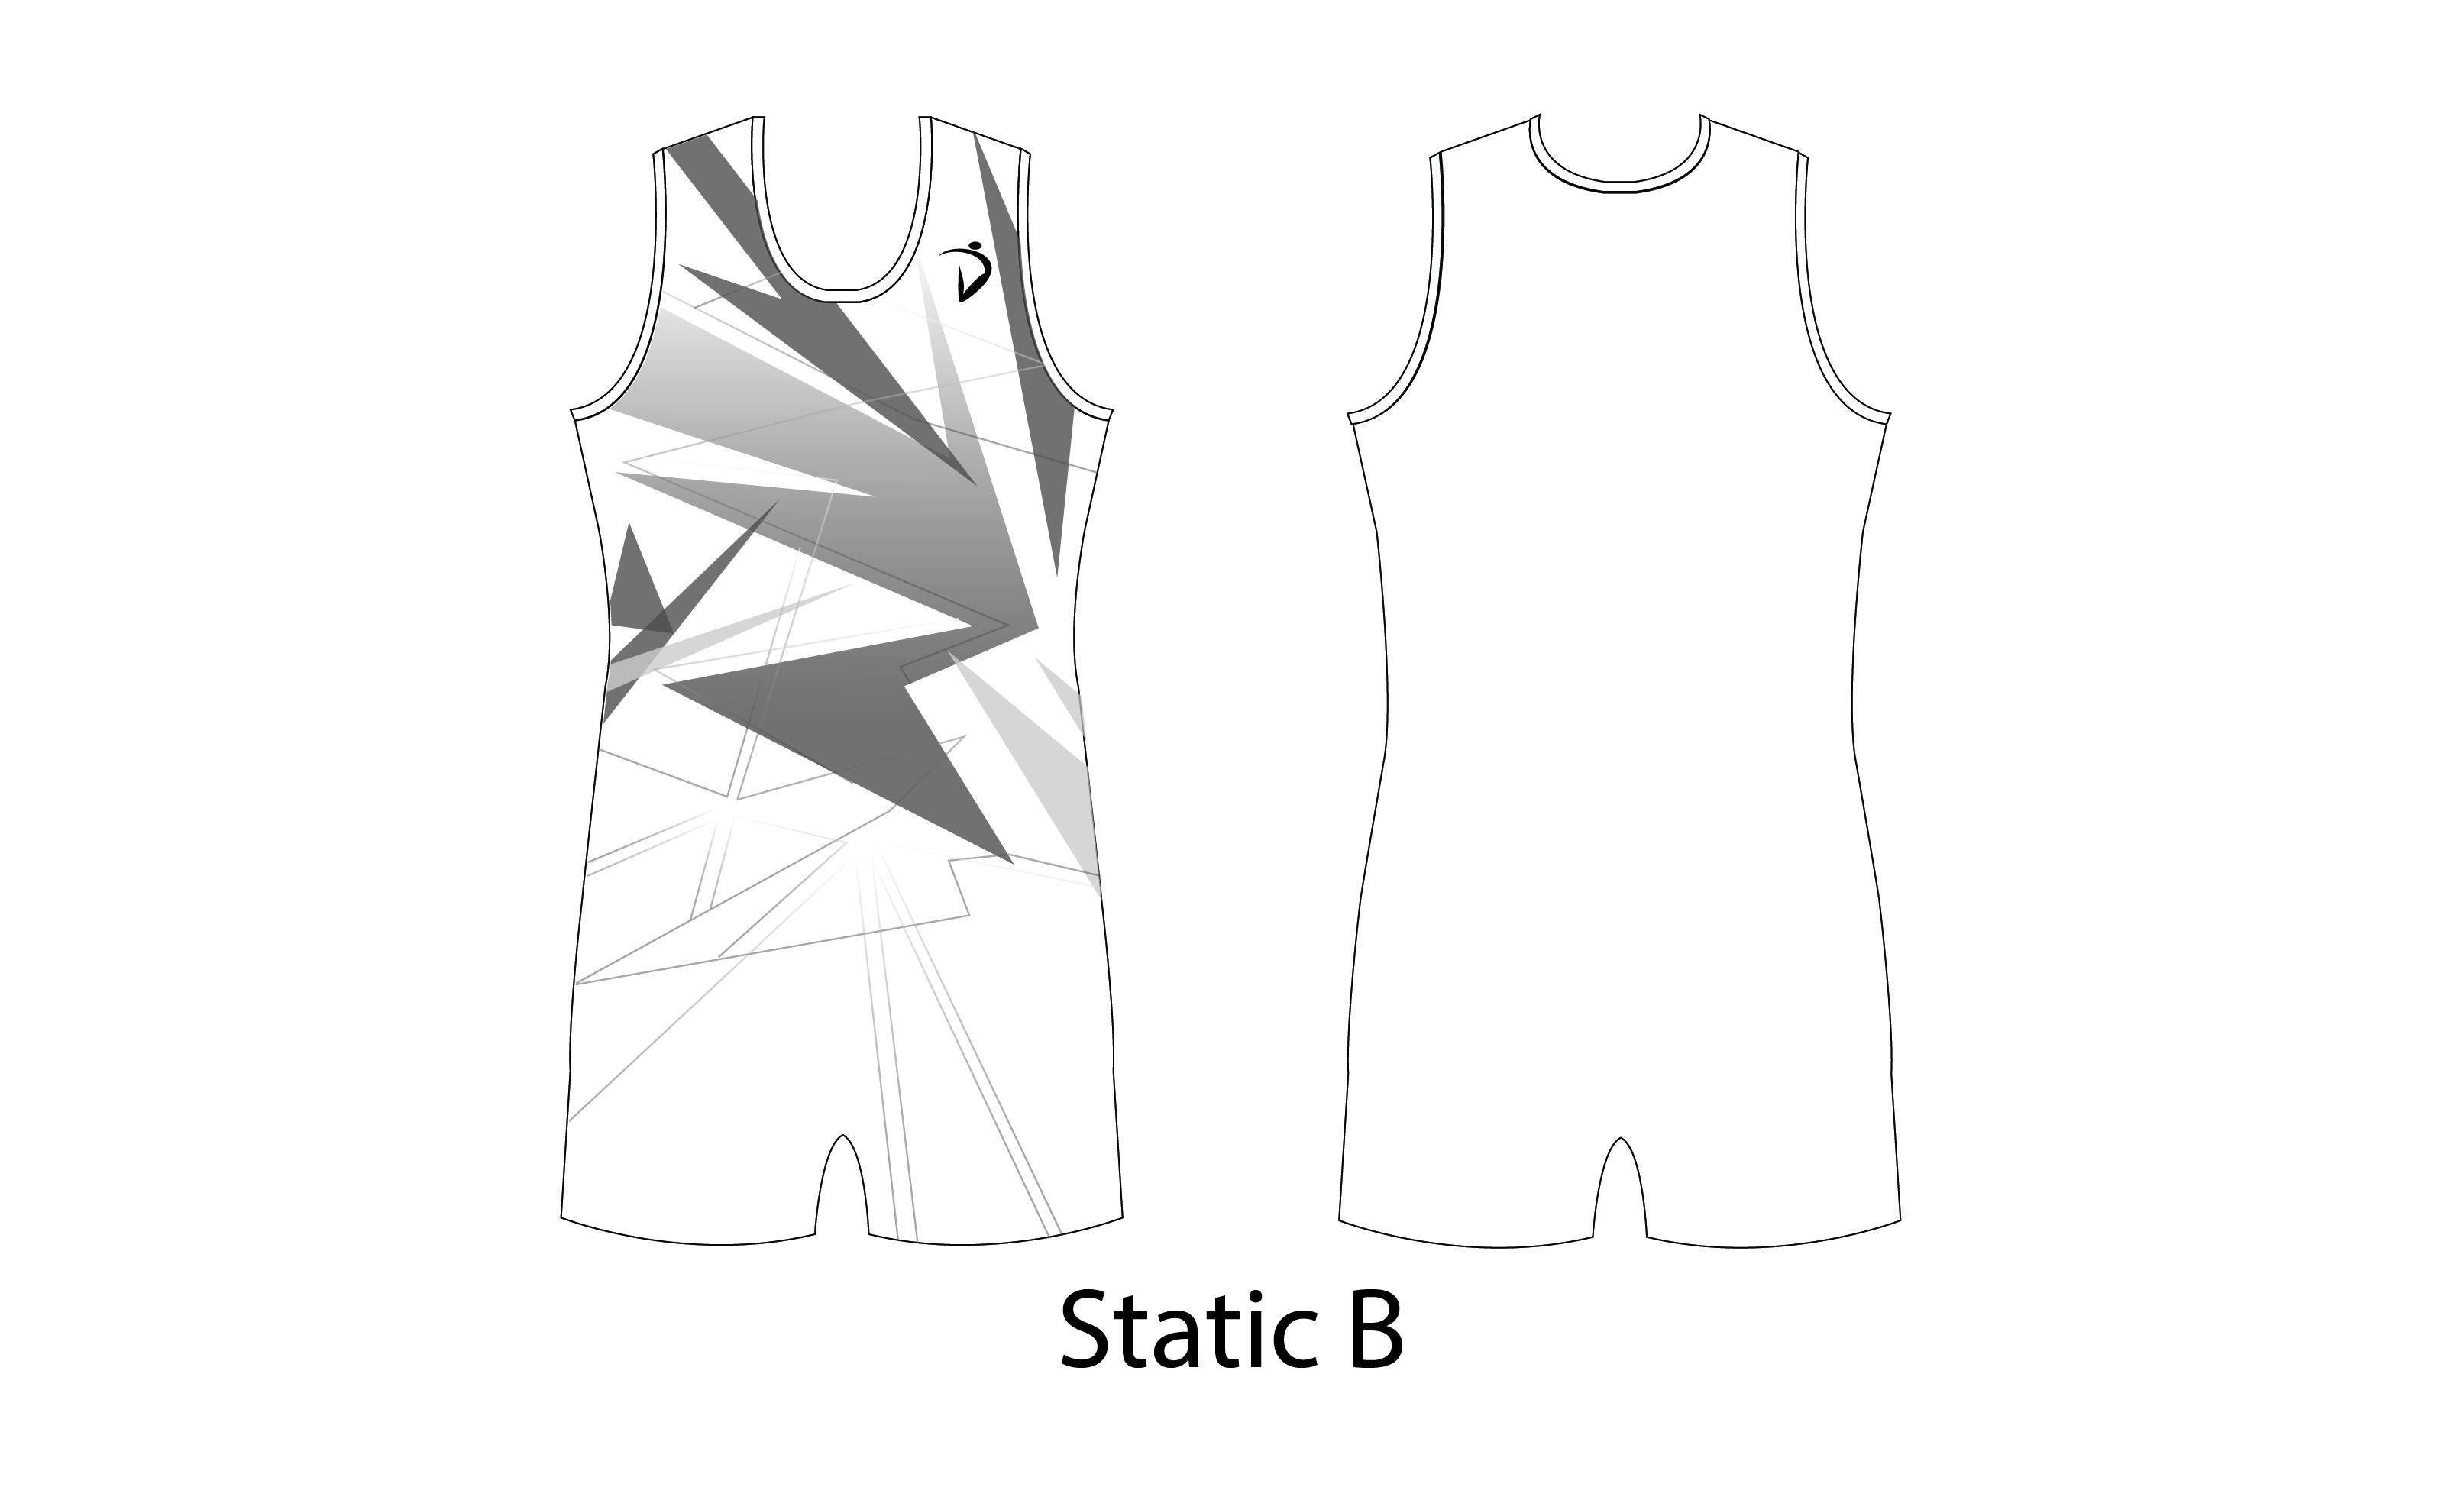 Static B